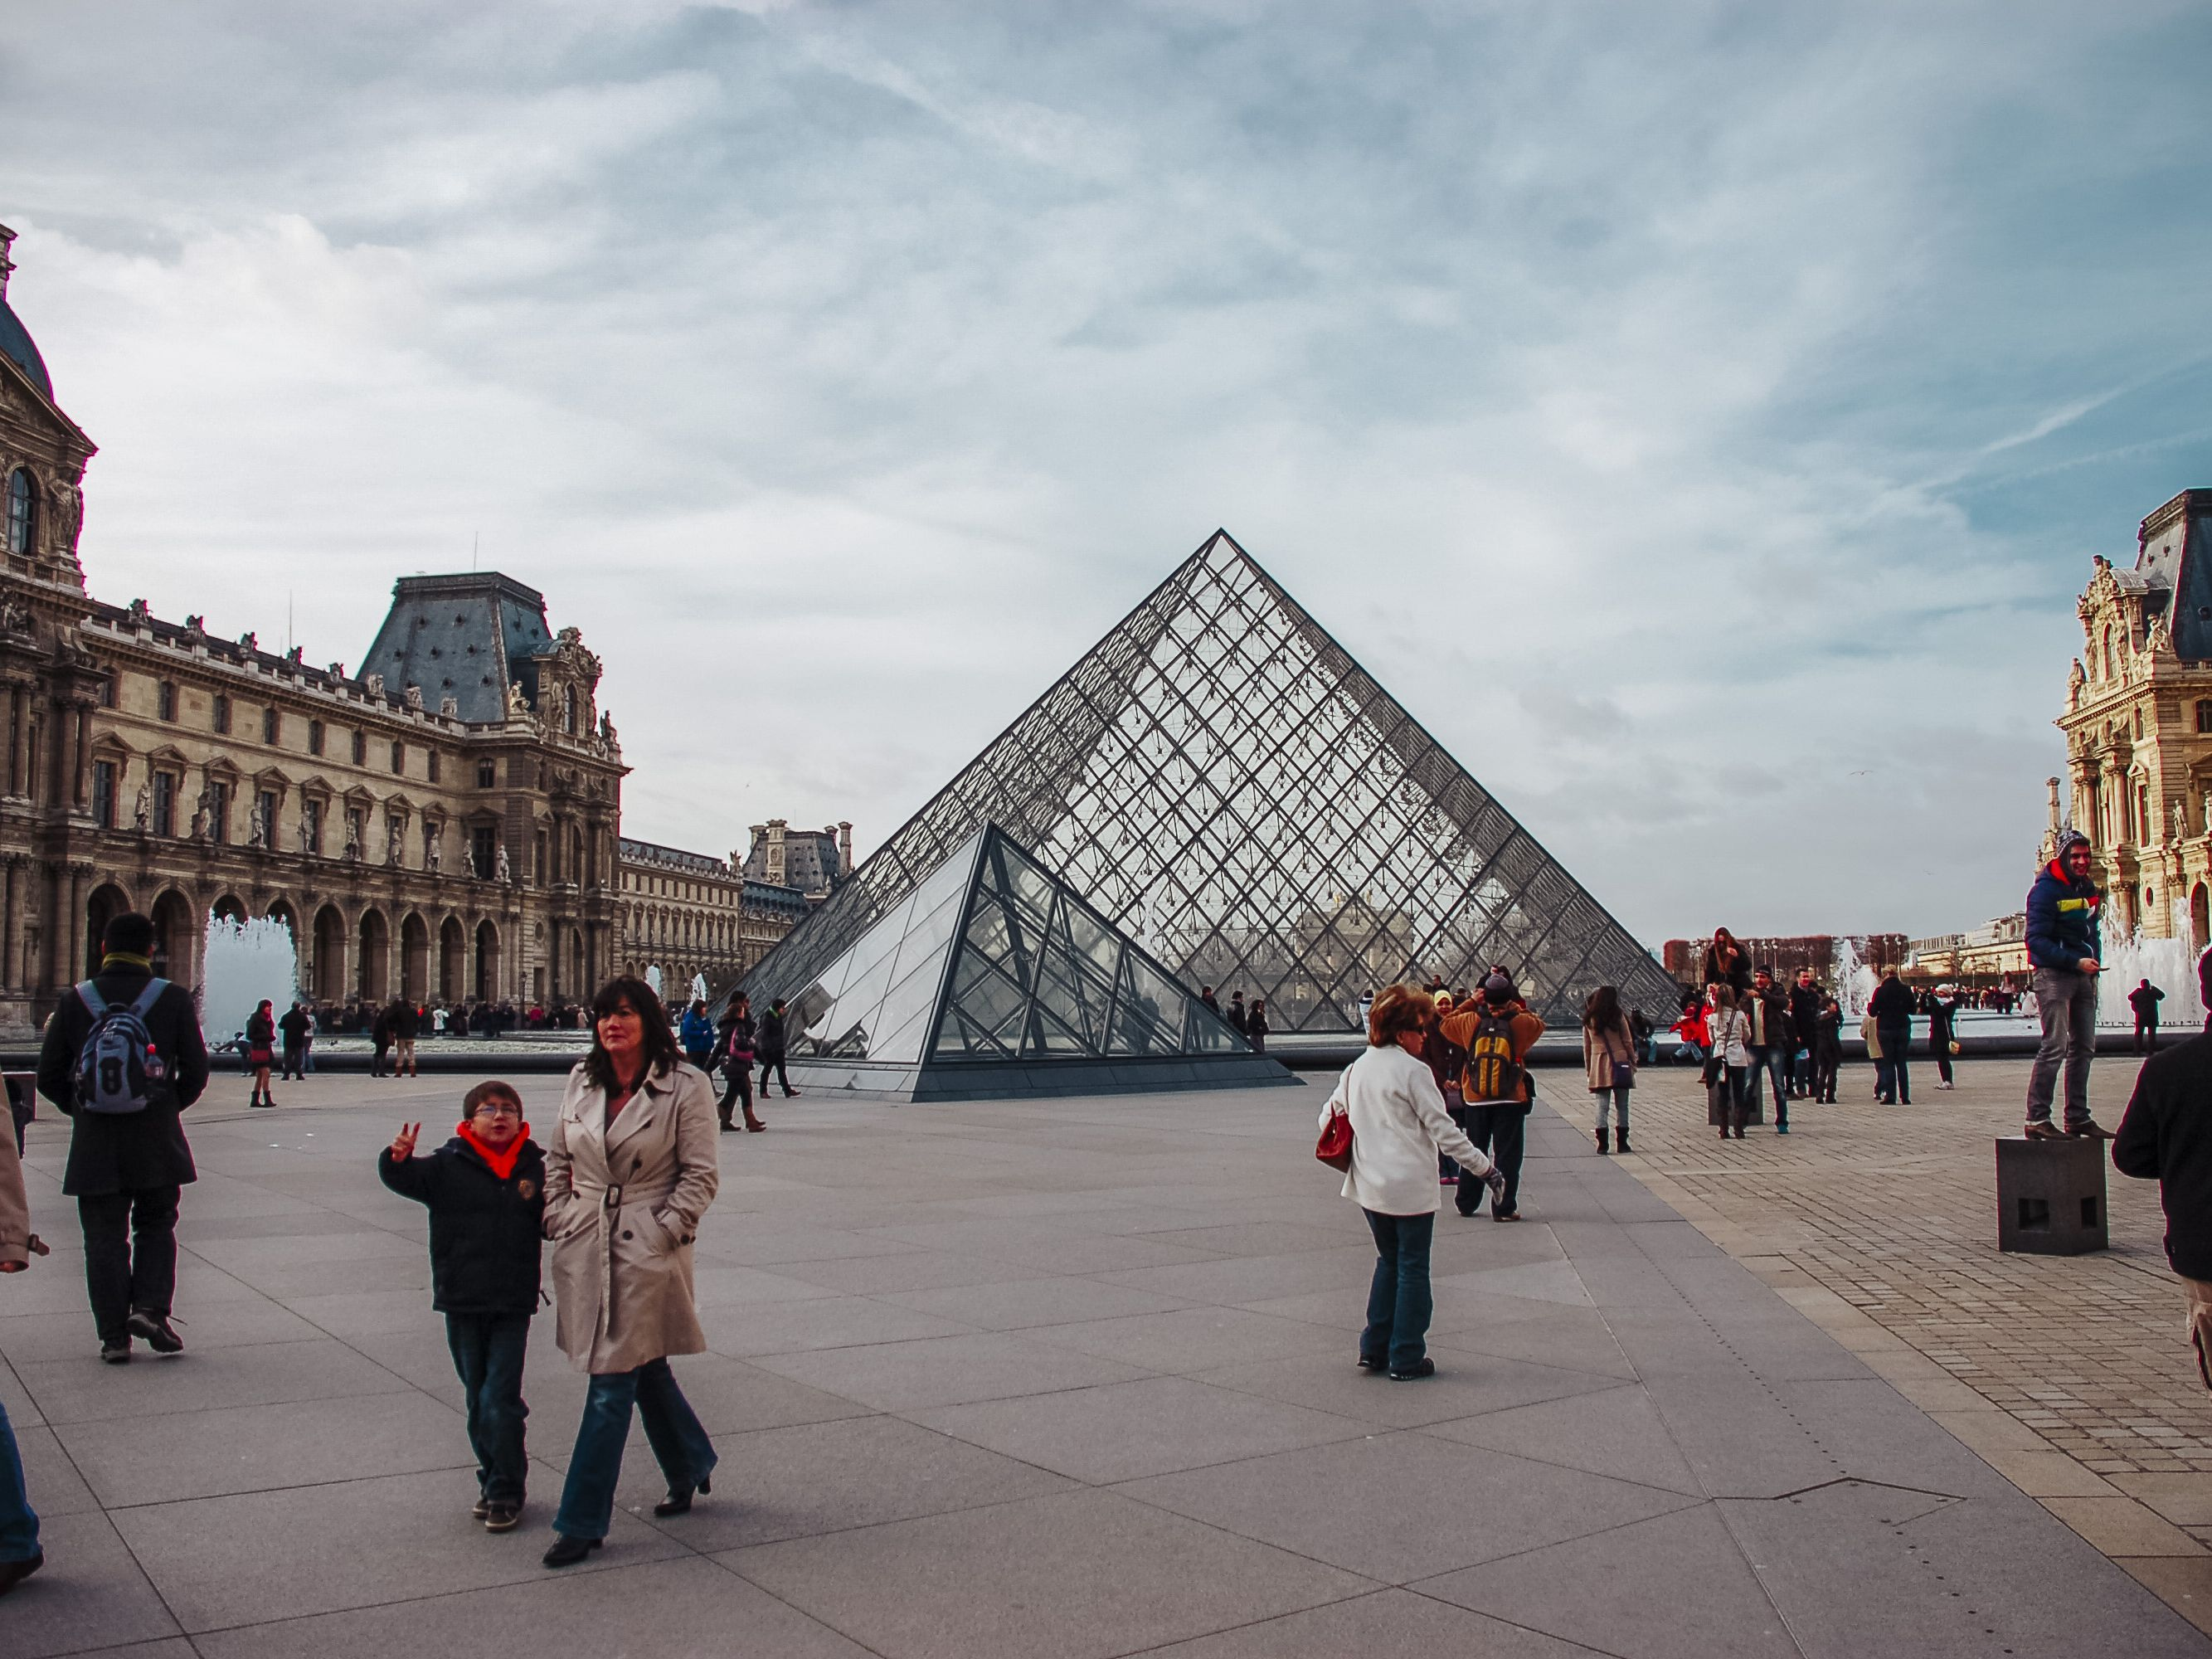 Tại Pháp có rất nhiều bảo tàng miễn phí